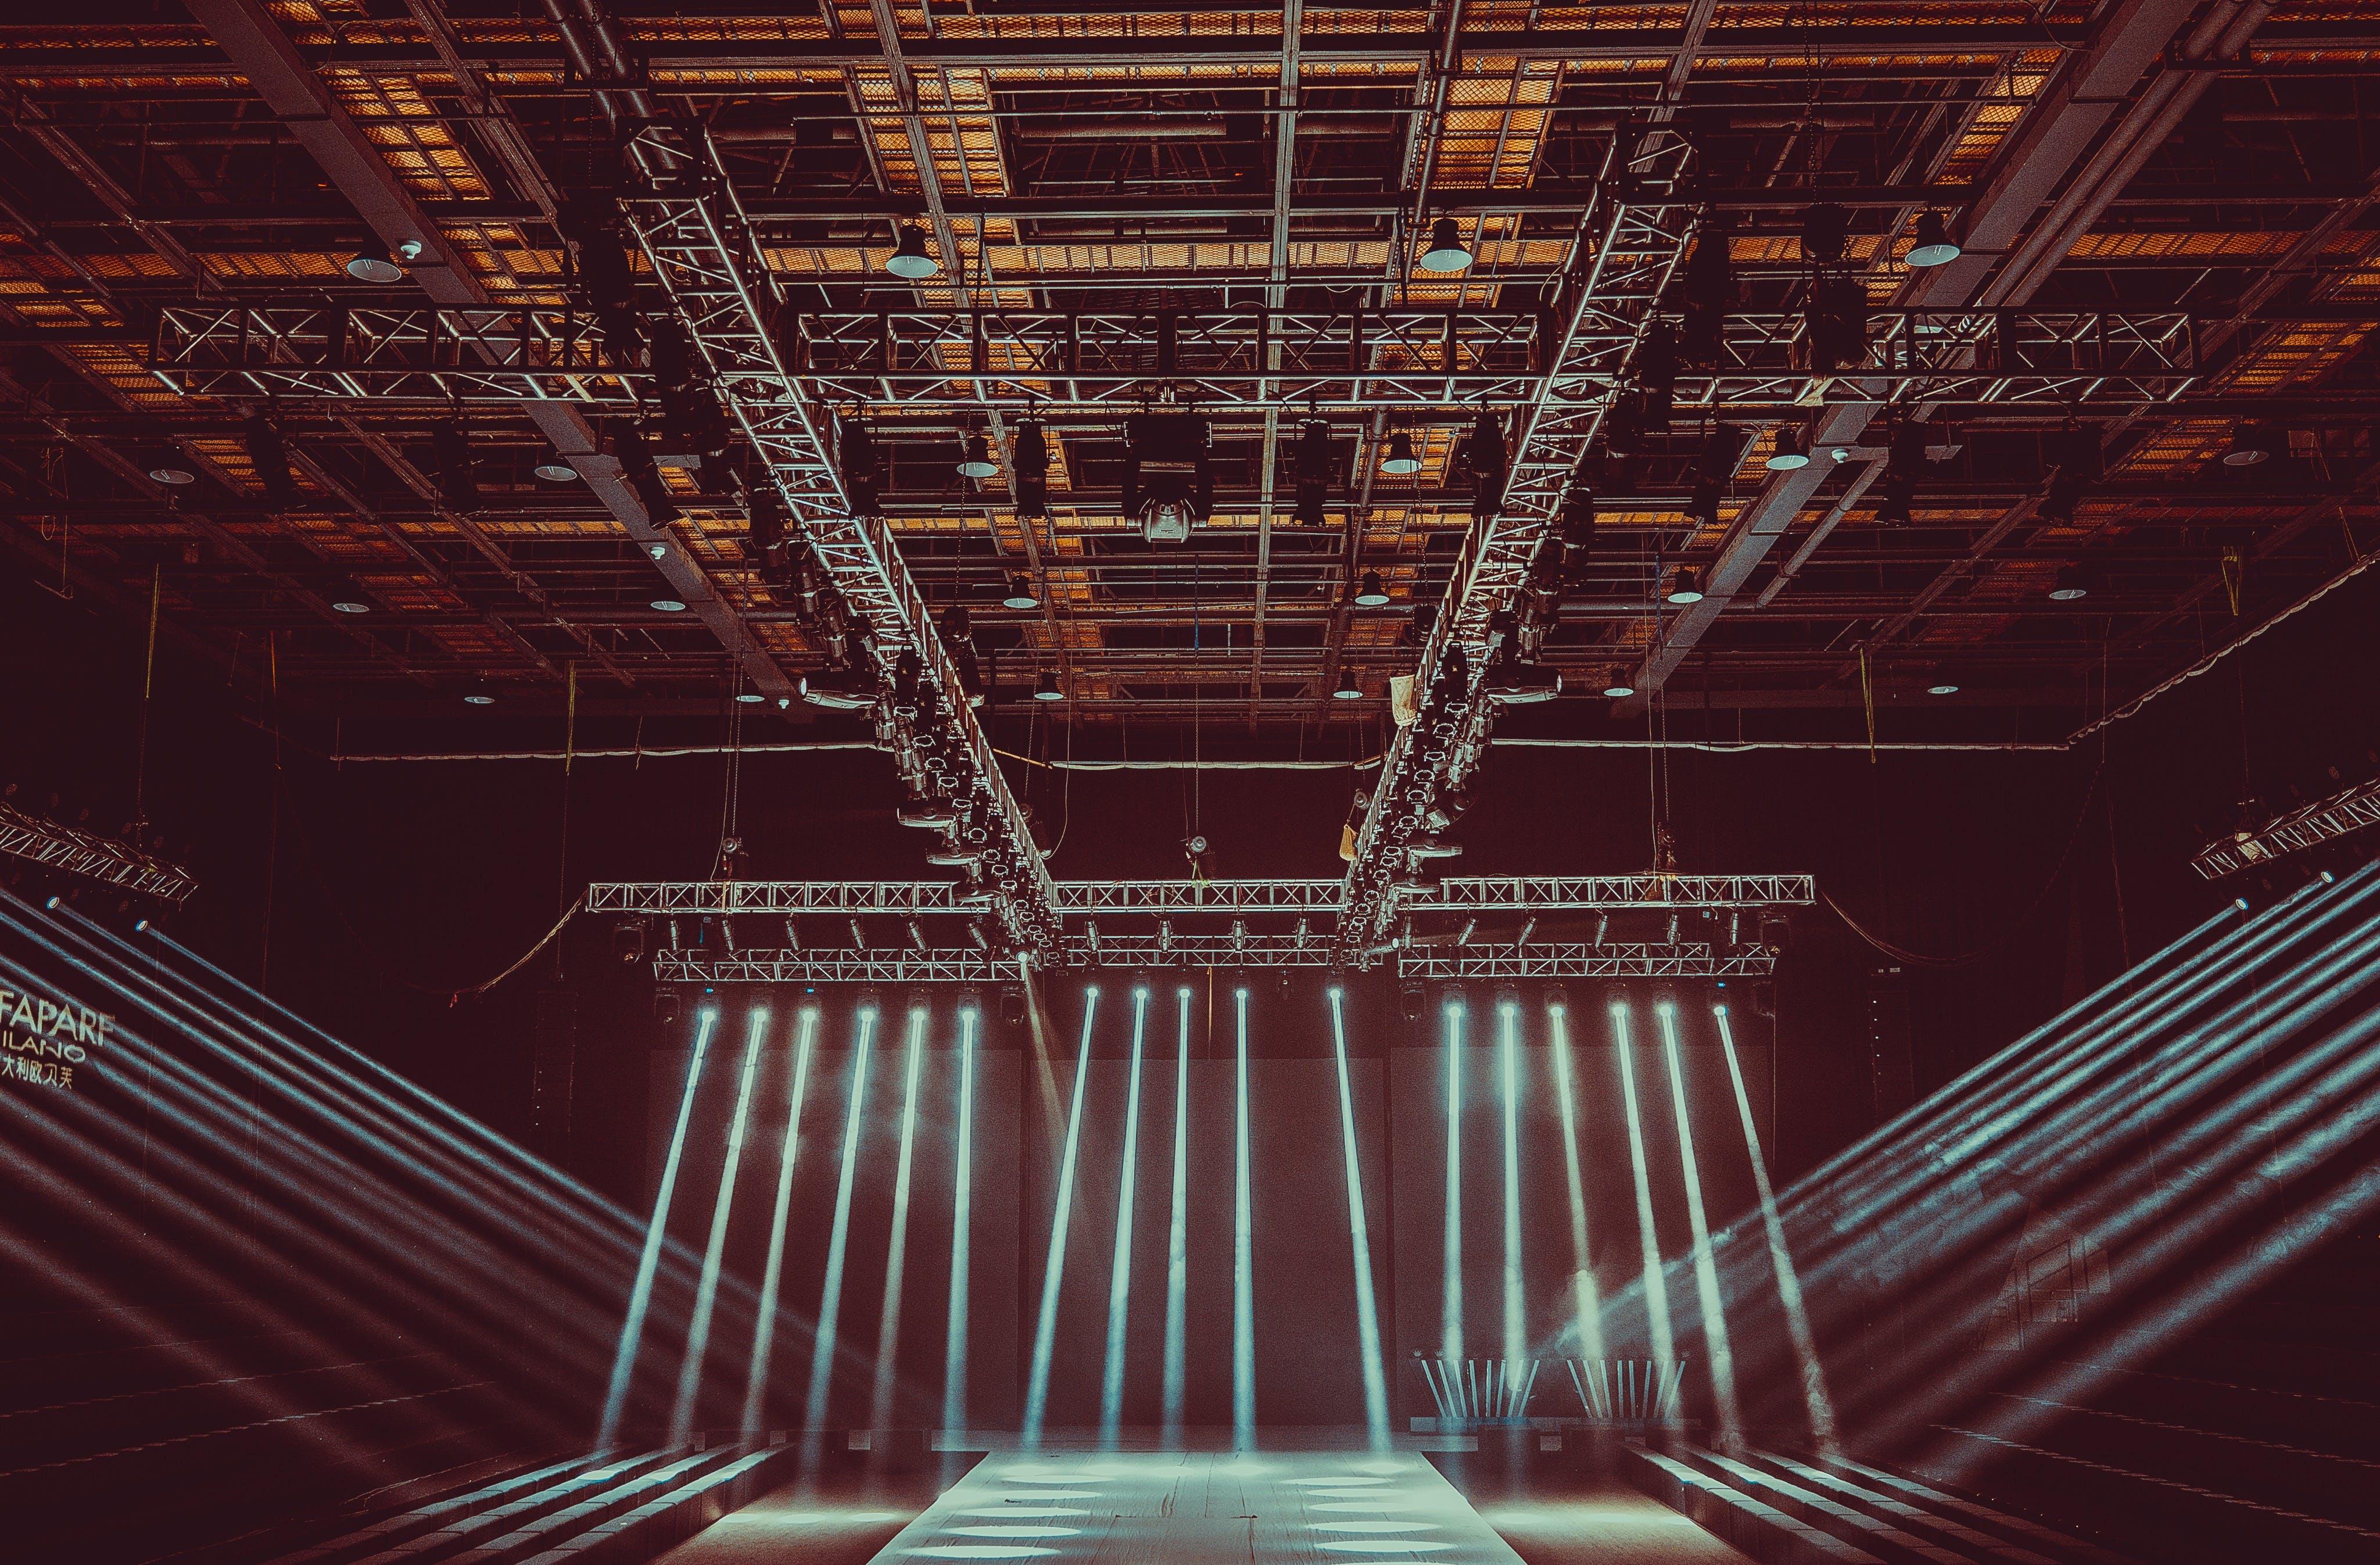 Základová fotografie zdarma na téma architektonický návrh, architektura, aréna, budova